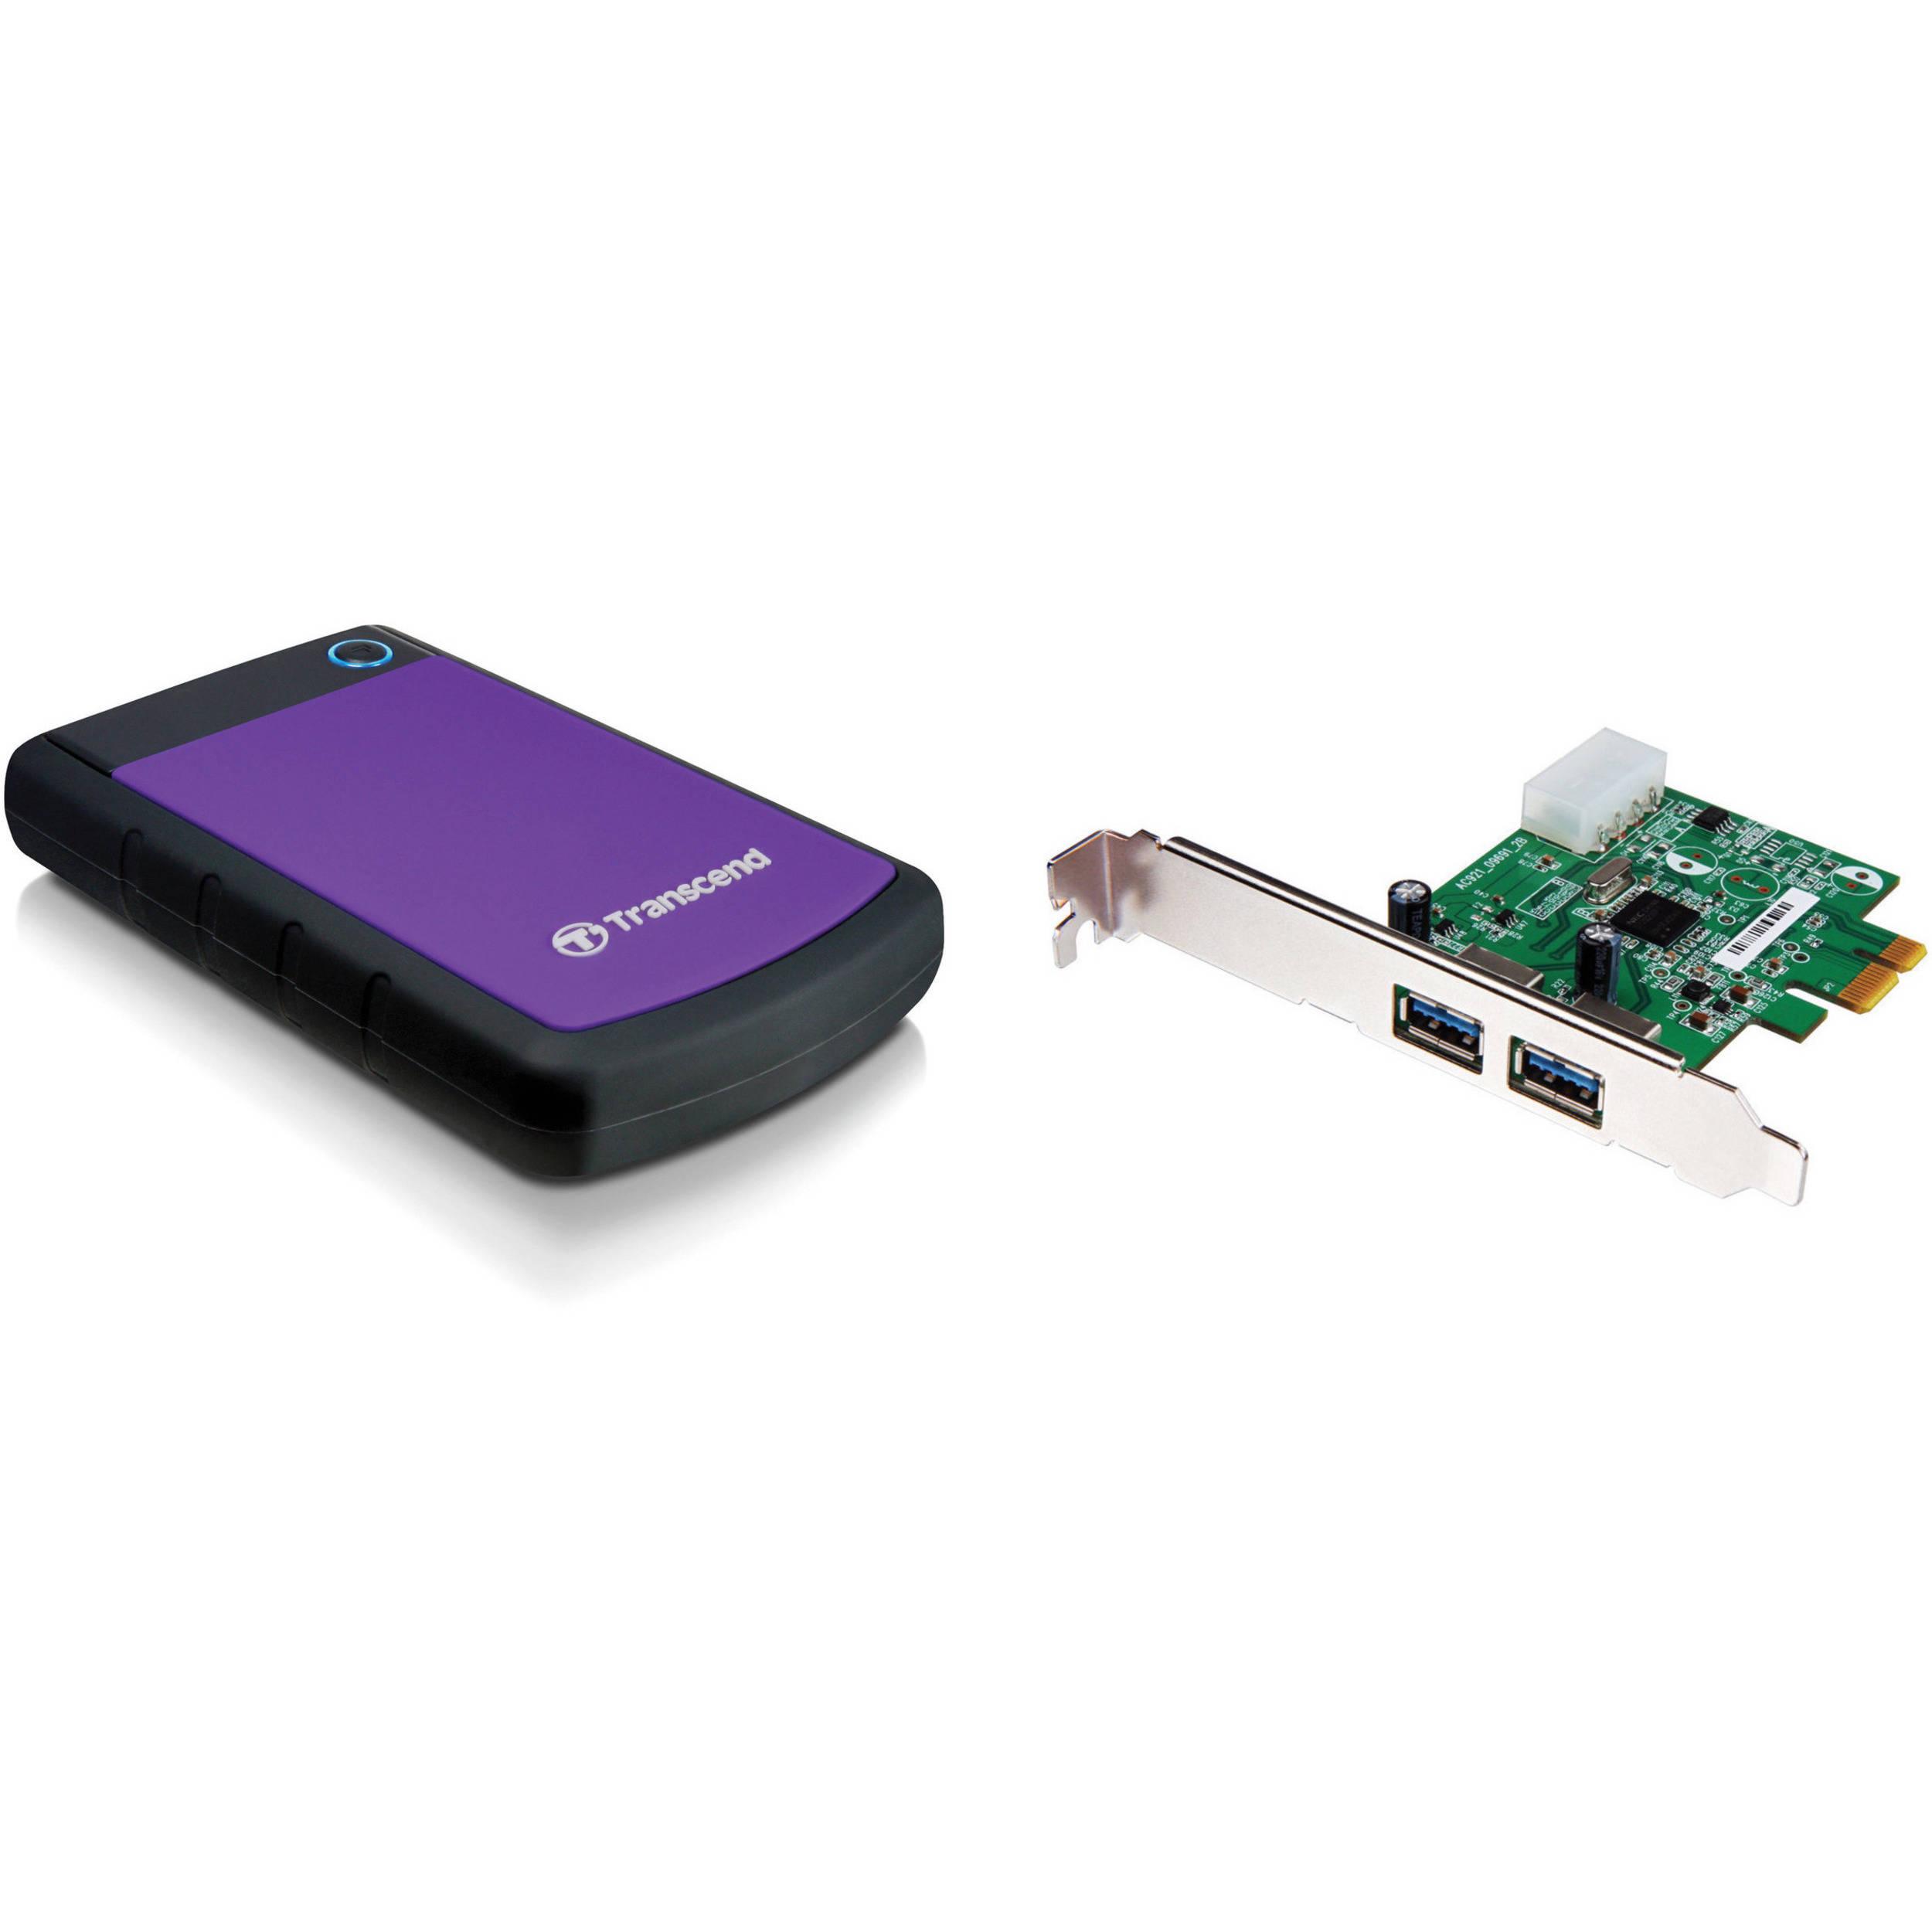 TRANSCEND USB 3.0 EXPANSION CARD DESCARGAR CONTROLADOR